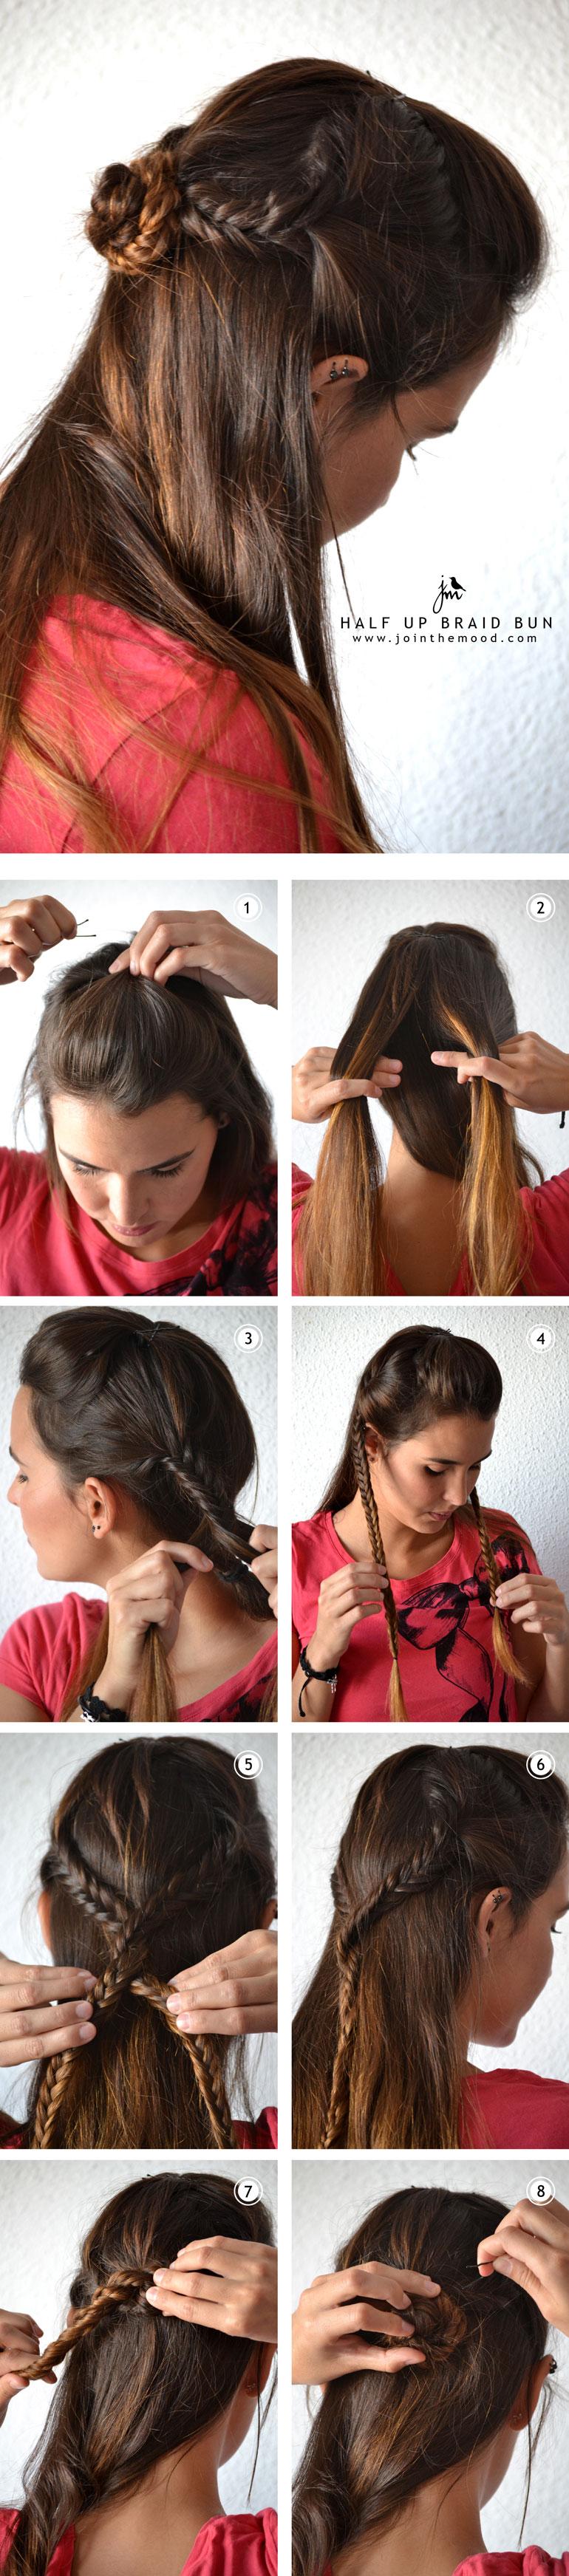 Pleasant 13 Half Up Half Down Hair Tutorials Short Hairstyles Gunalazisus